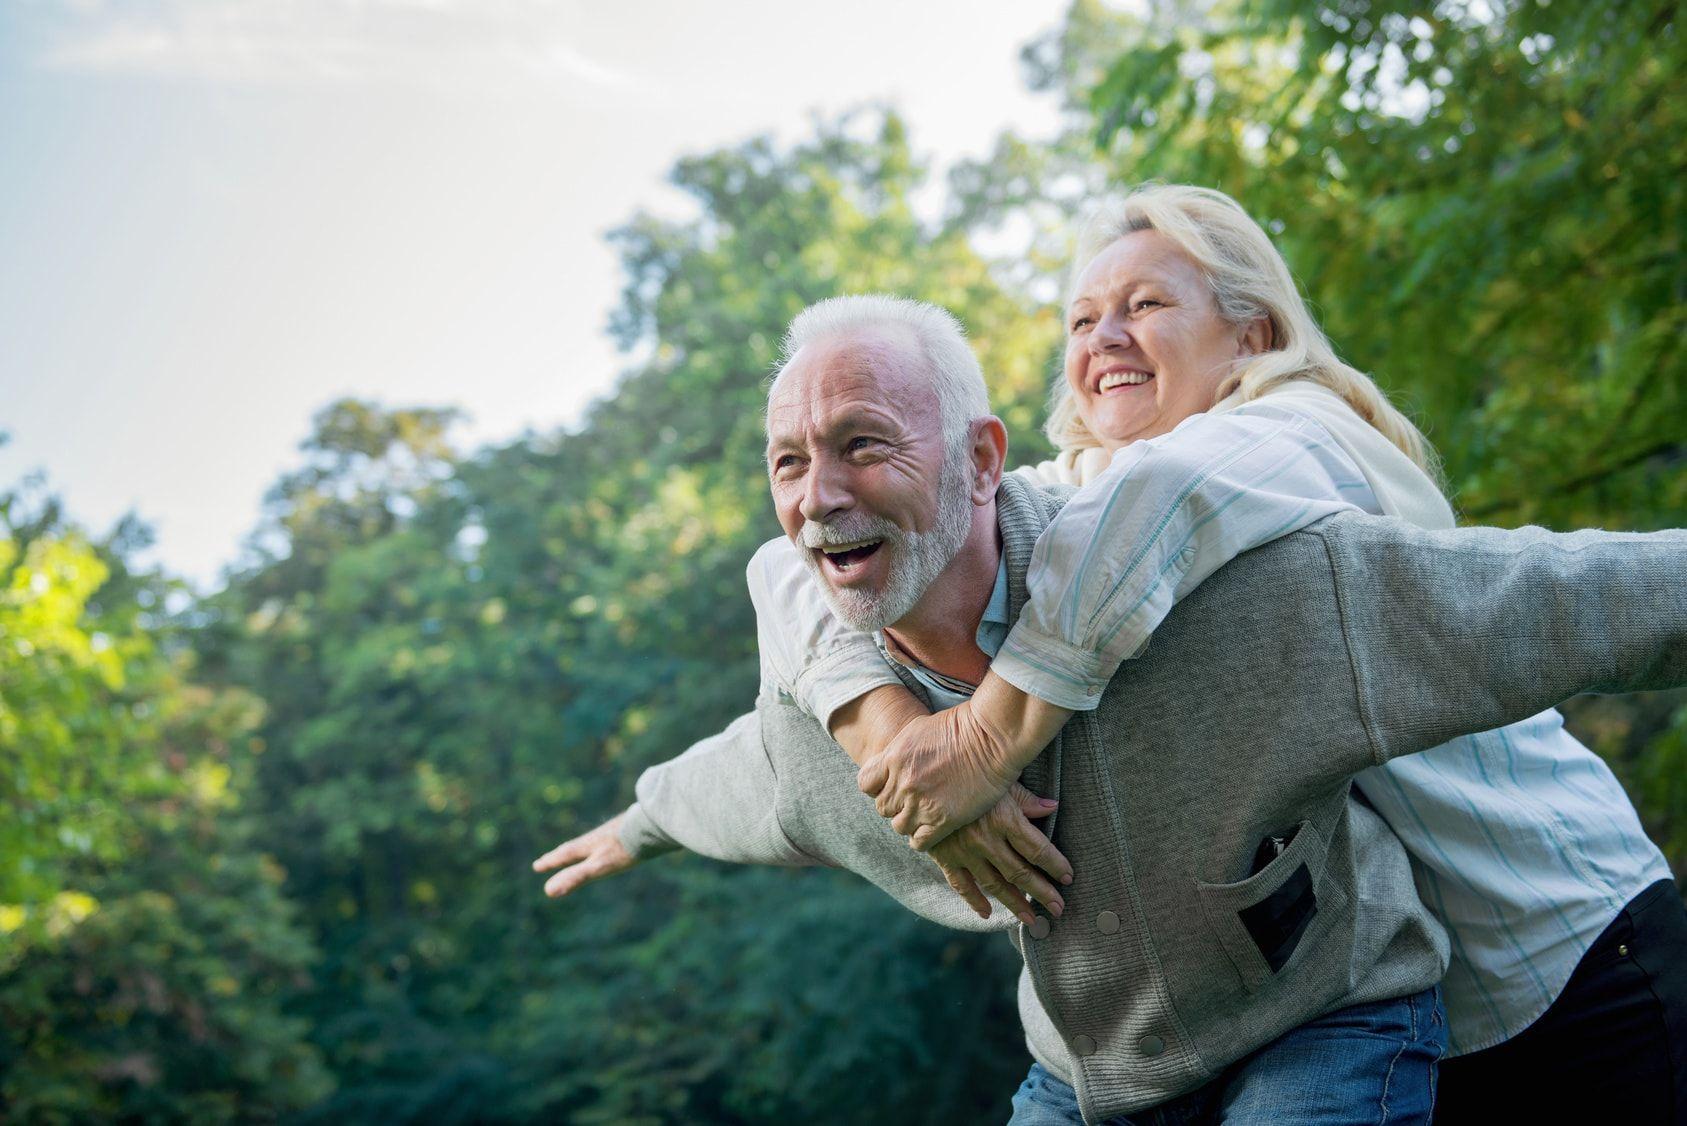 Секс - важнейшая часть жизни для тех, кому за 65